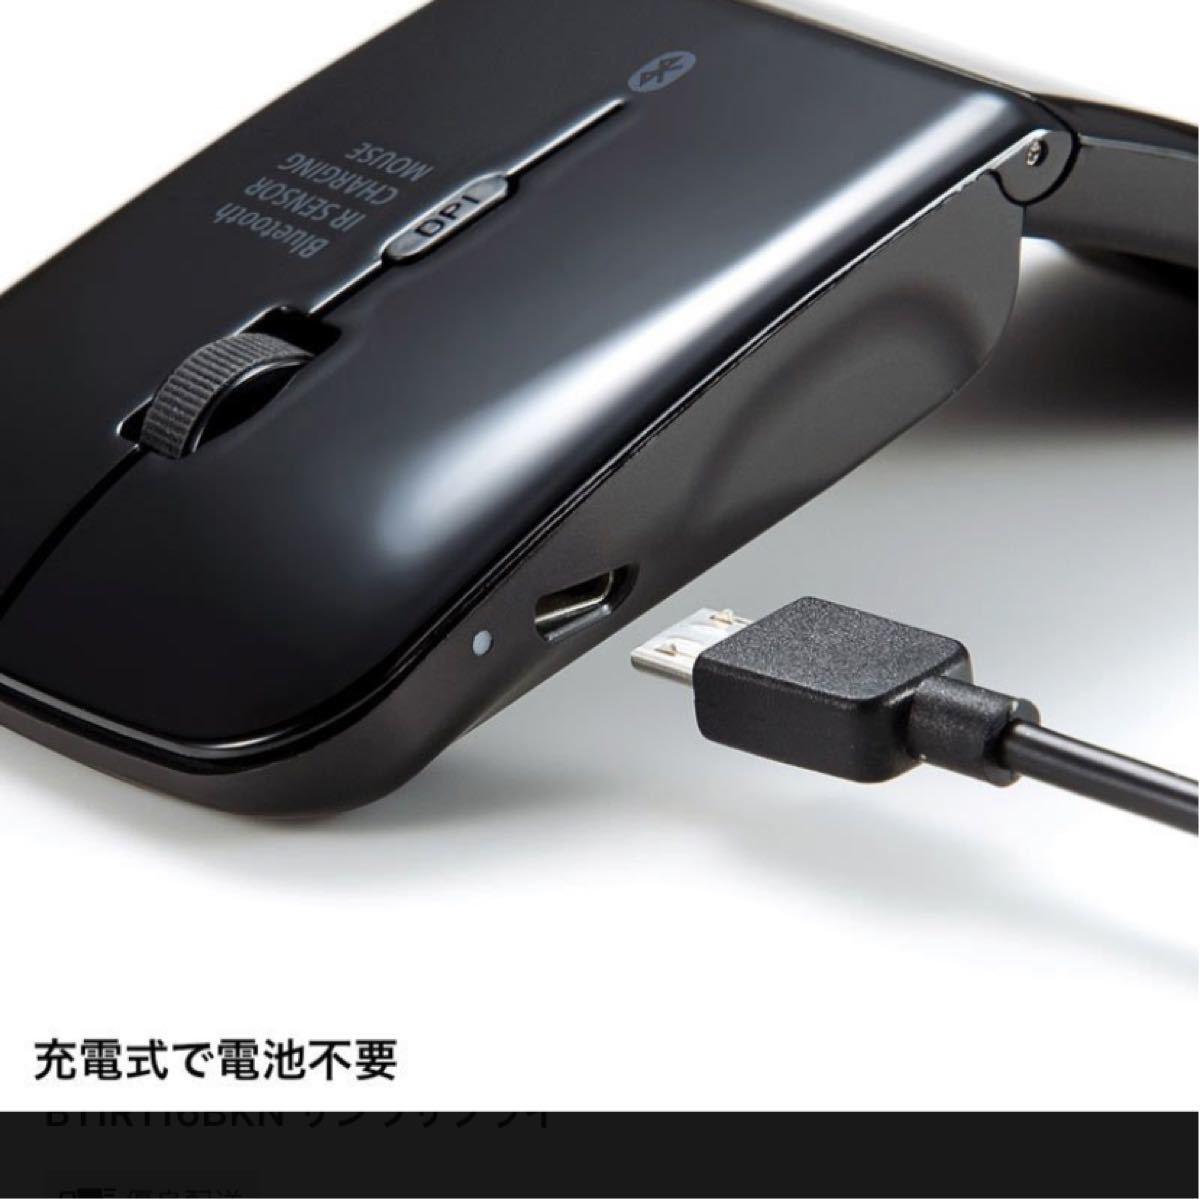 【本日限定値下げ】ワイヤレスマウス Bluetoothマウス